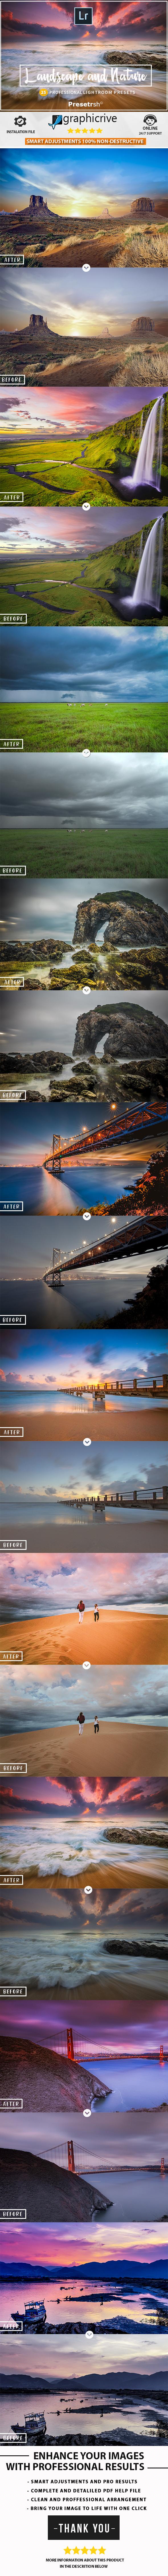 25 Pro Landscape and Nature Lightroom presets - Landscape Lightroom Presets